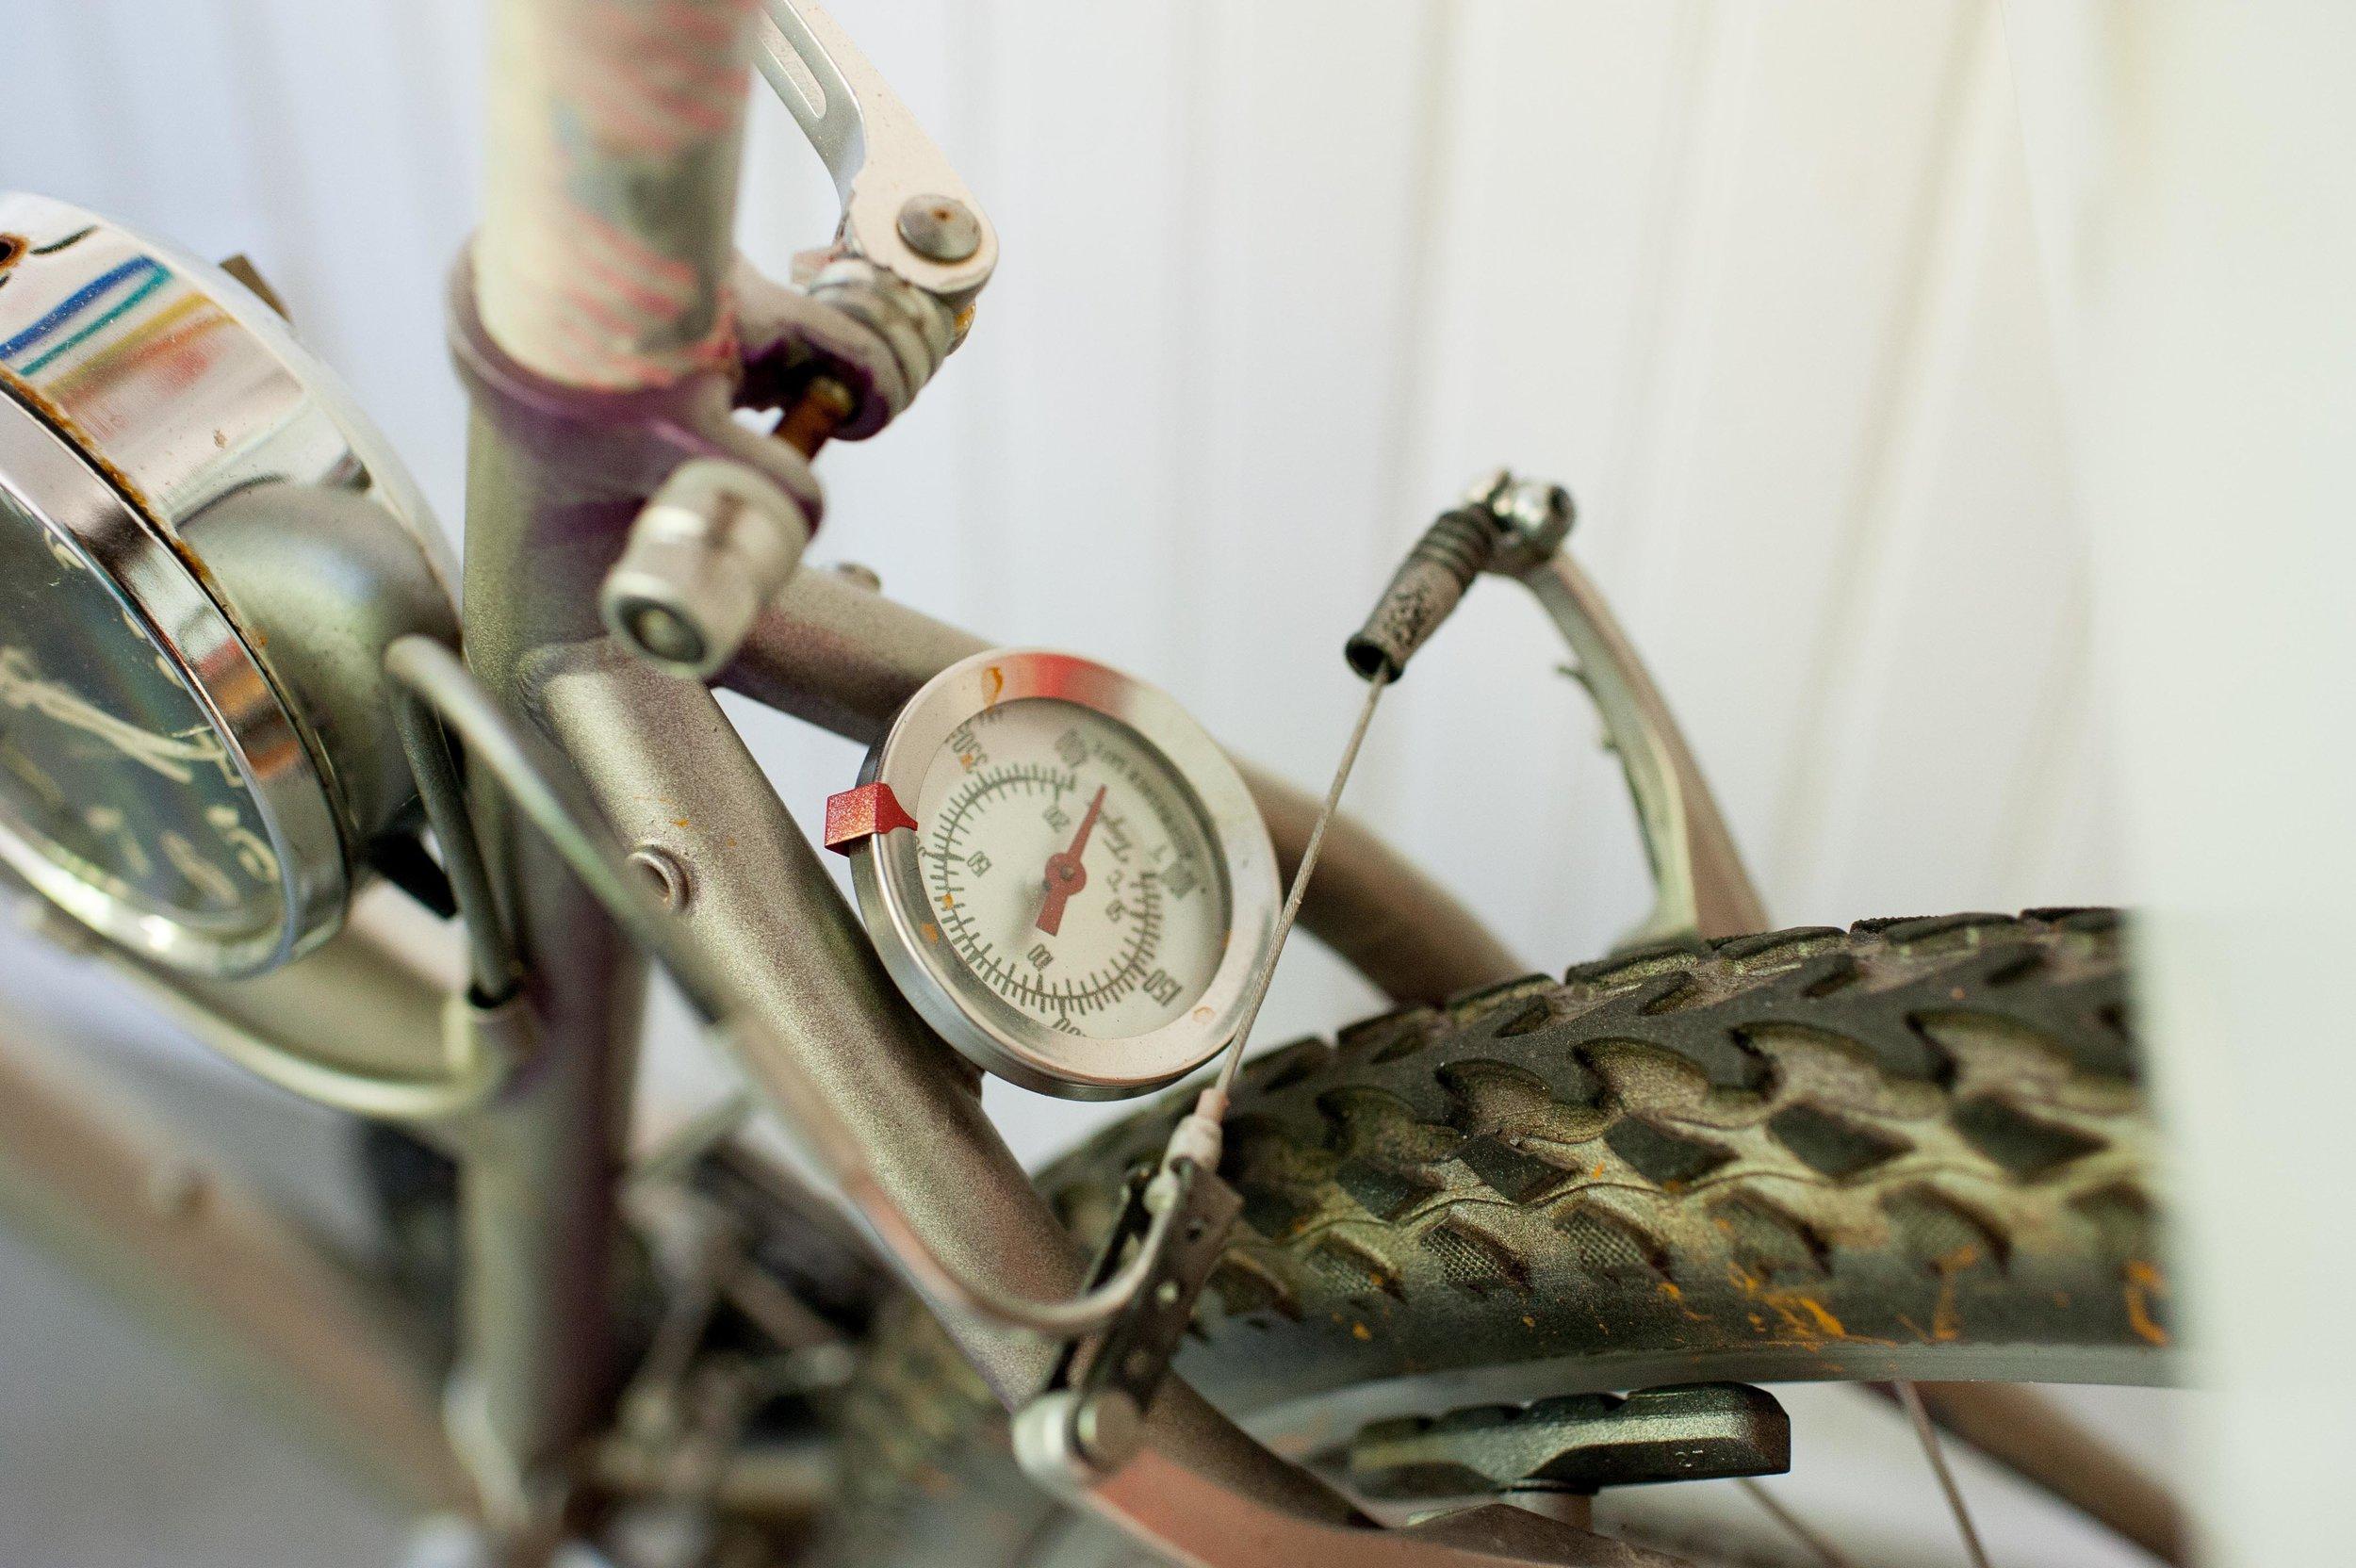 art_bike-42.jpg